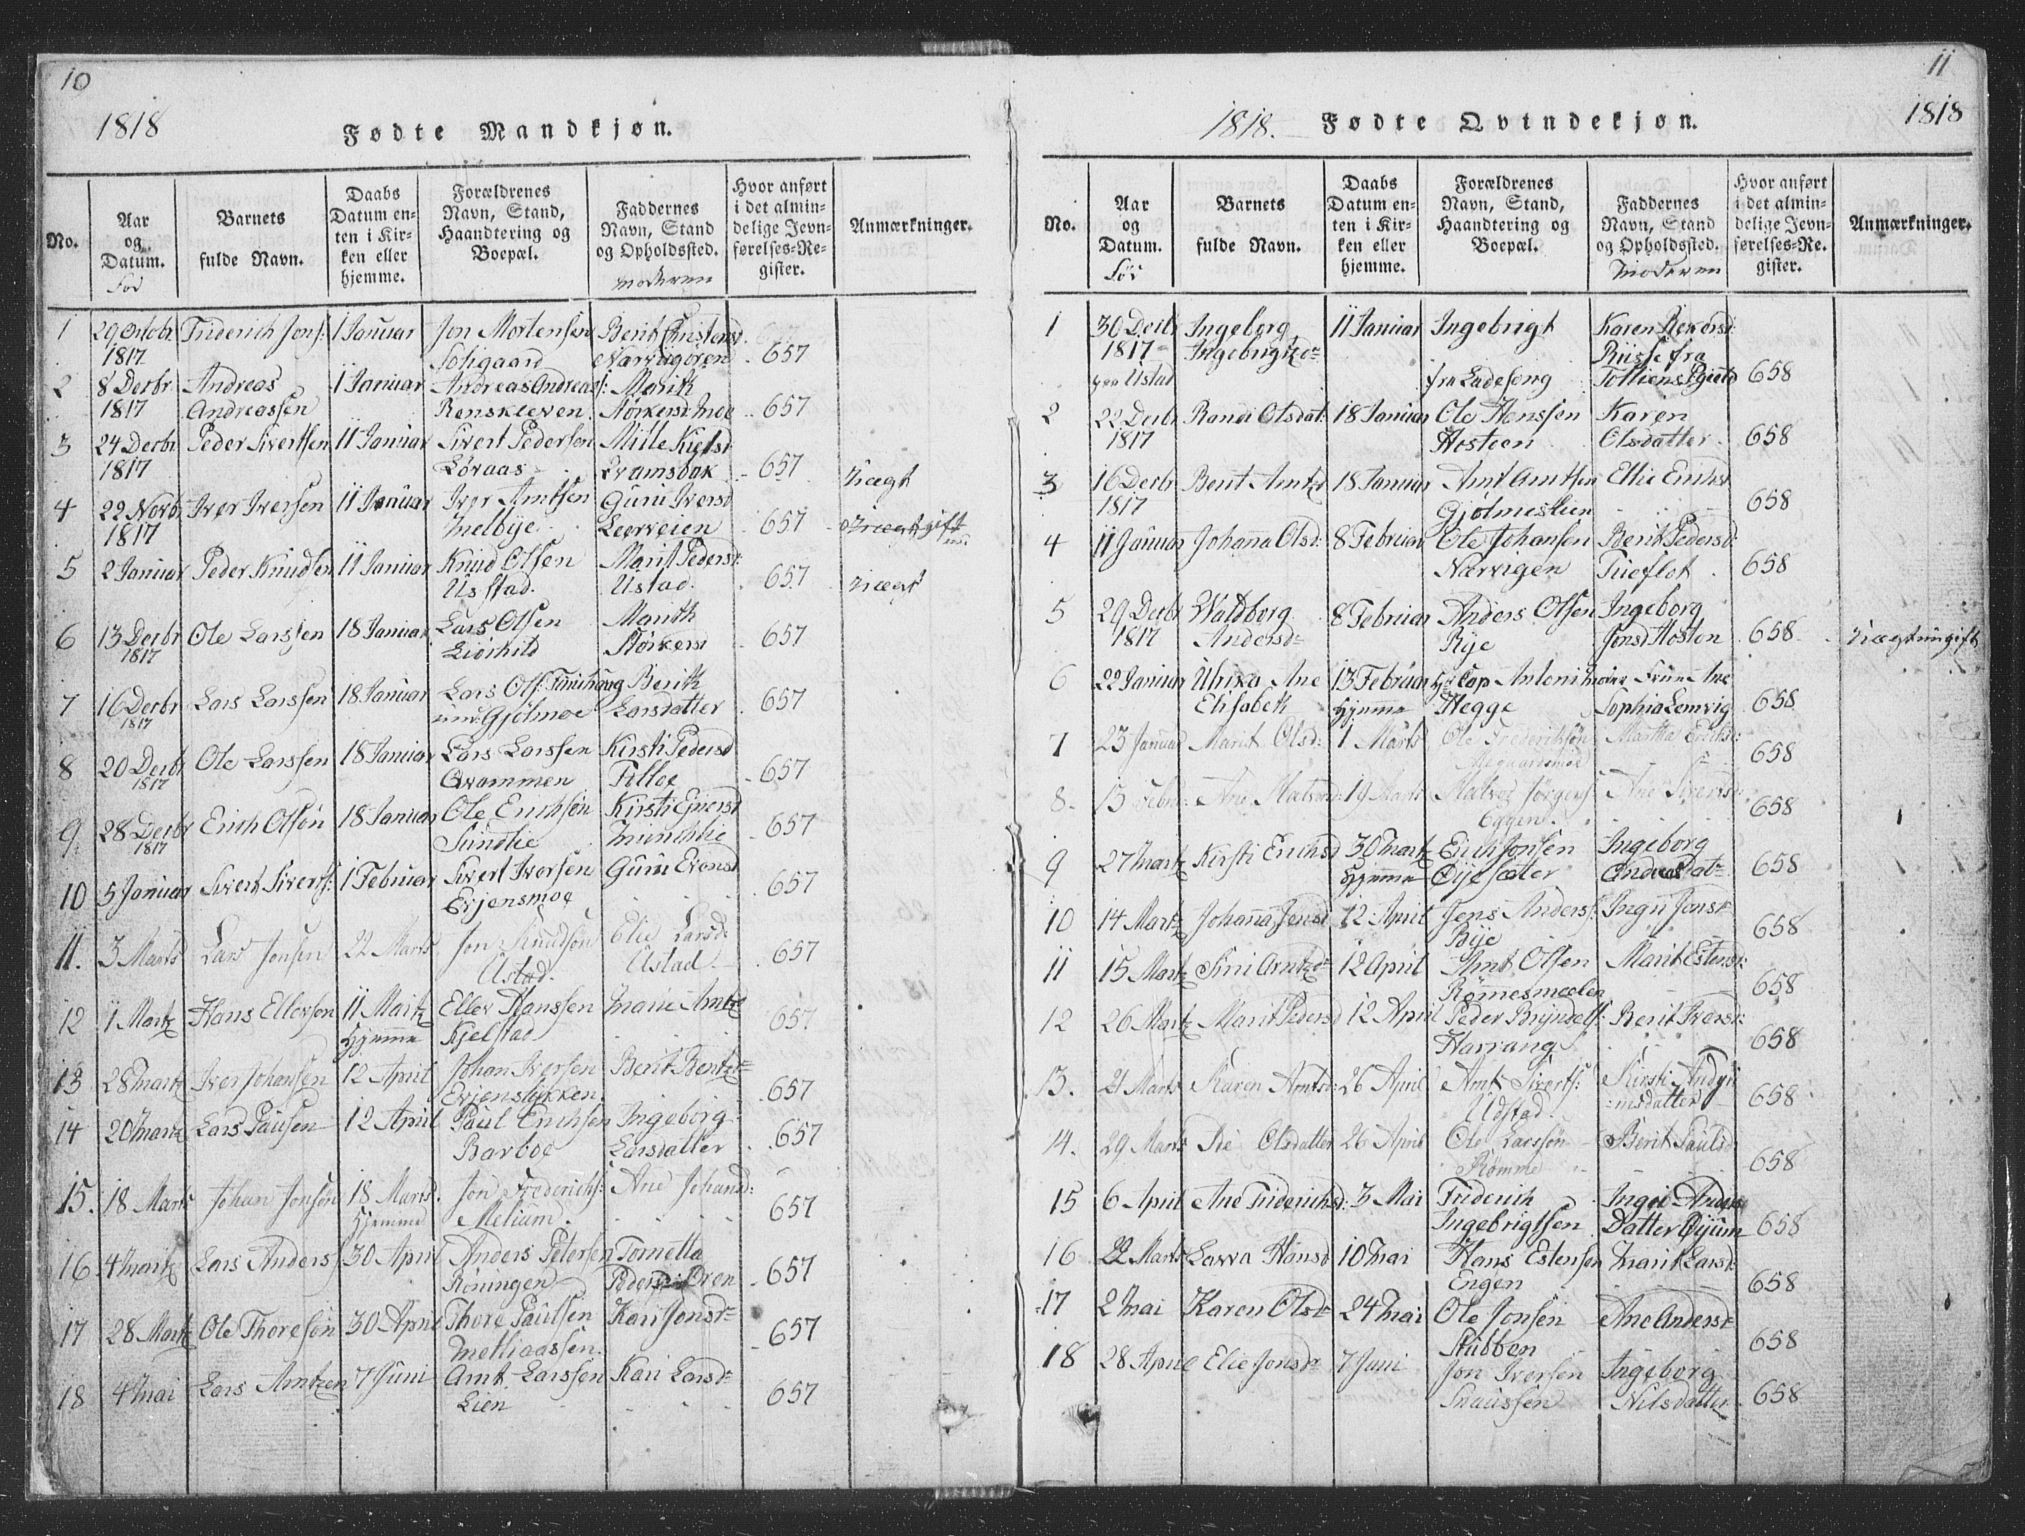 SAT, Ministerialprotokoller, klokkerbøker og fødselsregistre - Sør-Trøndelag, 668/L0816: Klokkerbok nr. 668C05, 1816-1893, s. 10-11